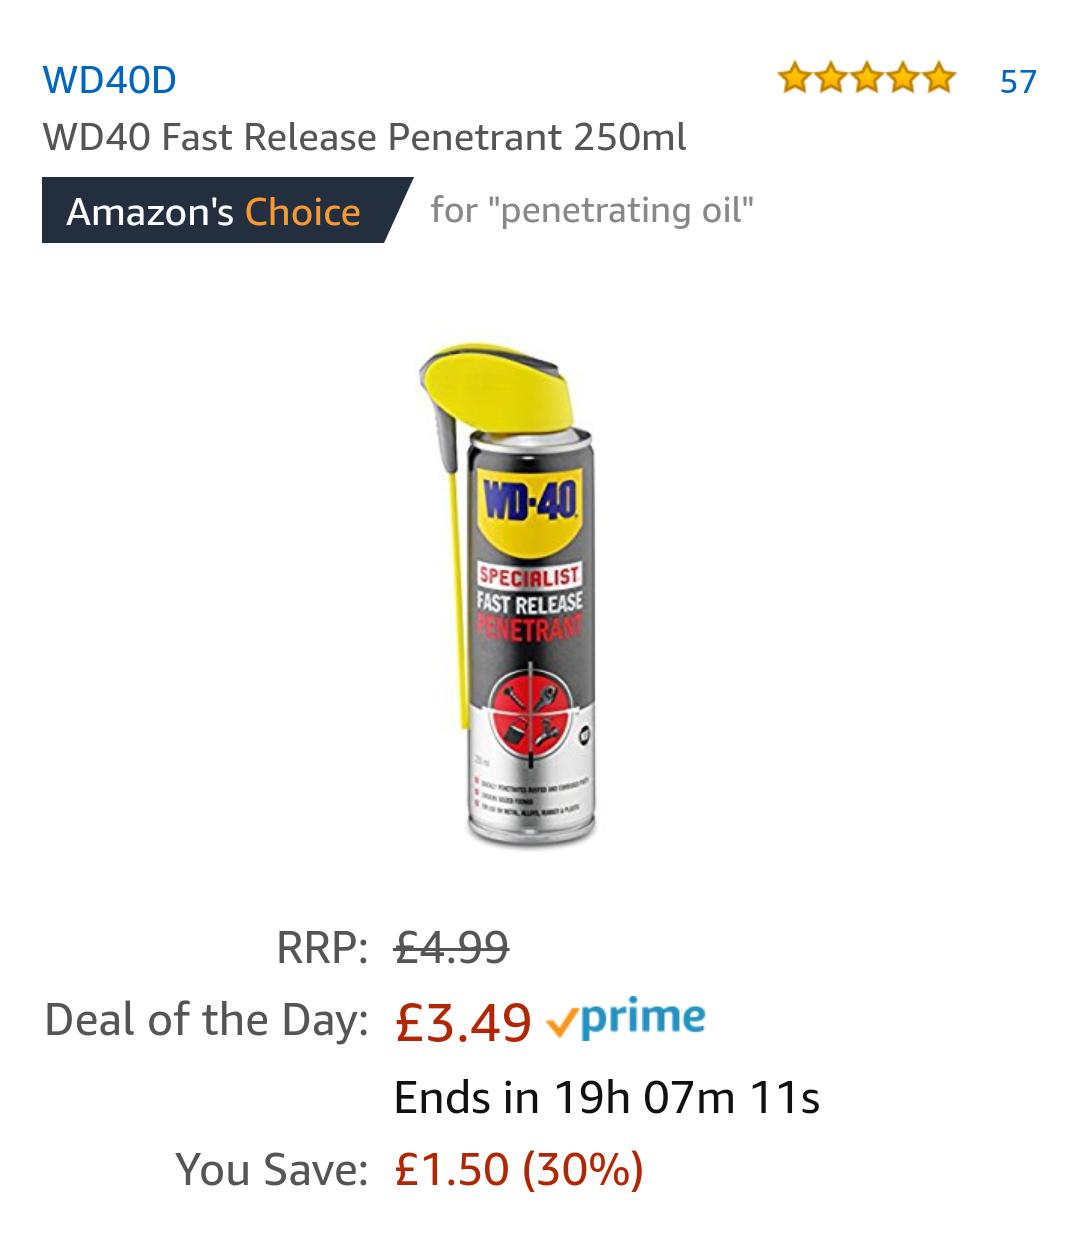 WD-40 Fast Release Penetrant 250ml at Amazon for £3.49 Prime (£6.48 non Prime)